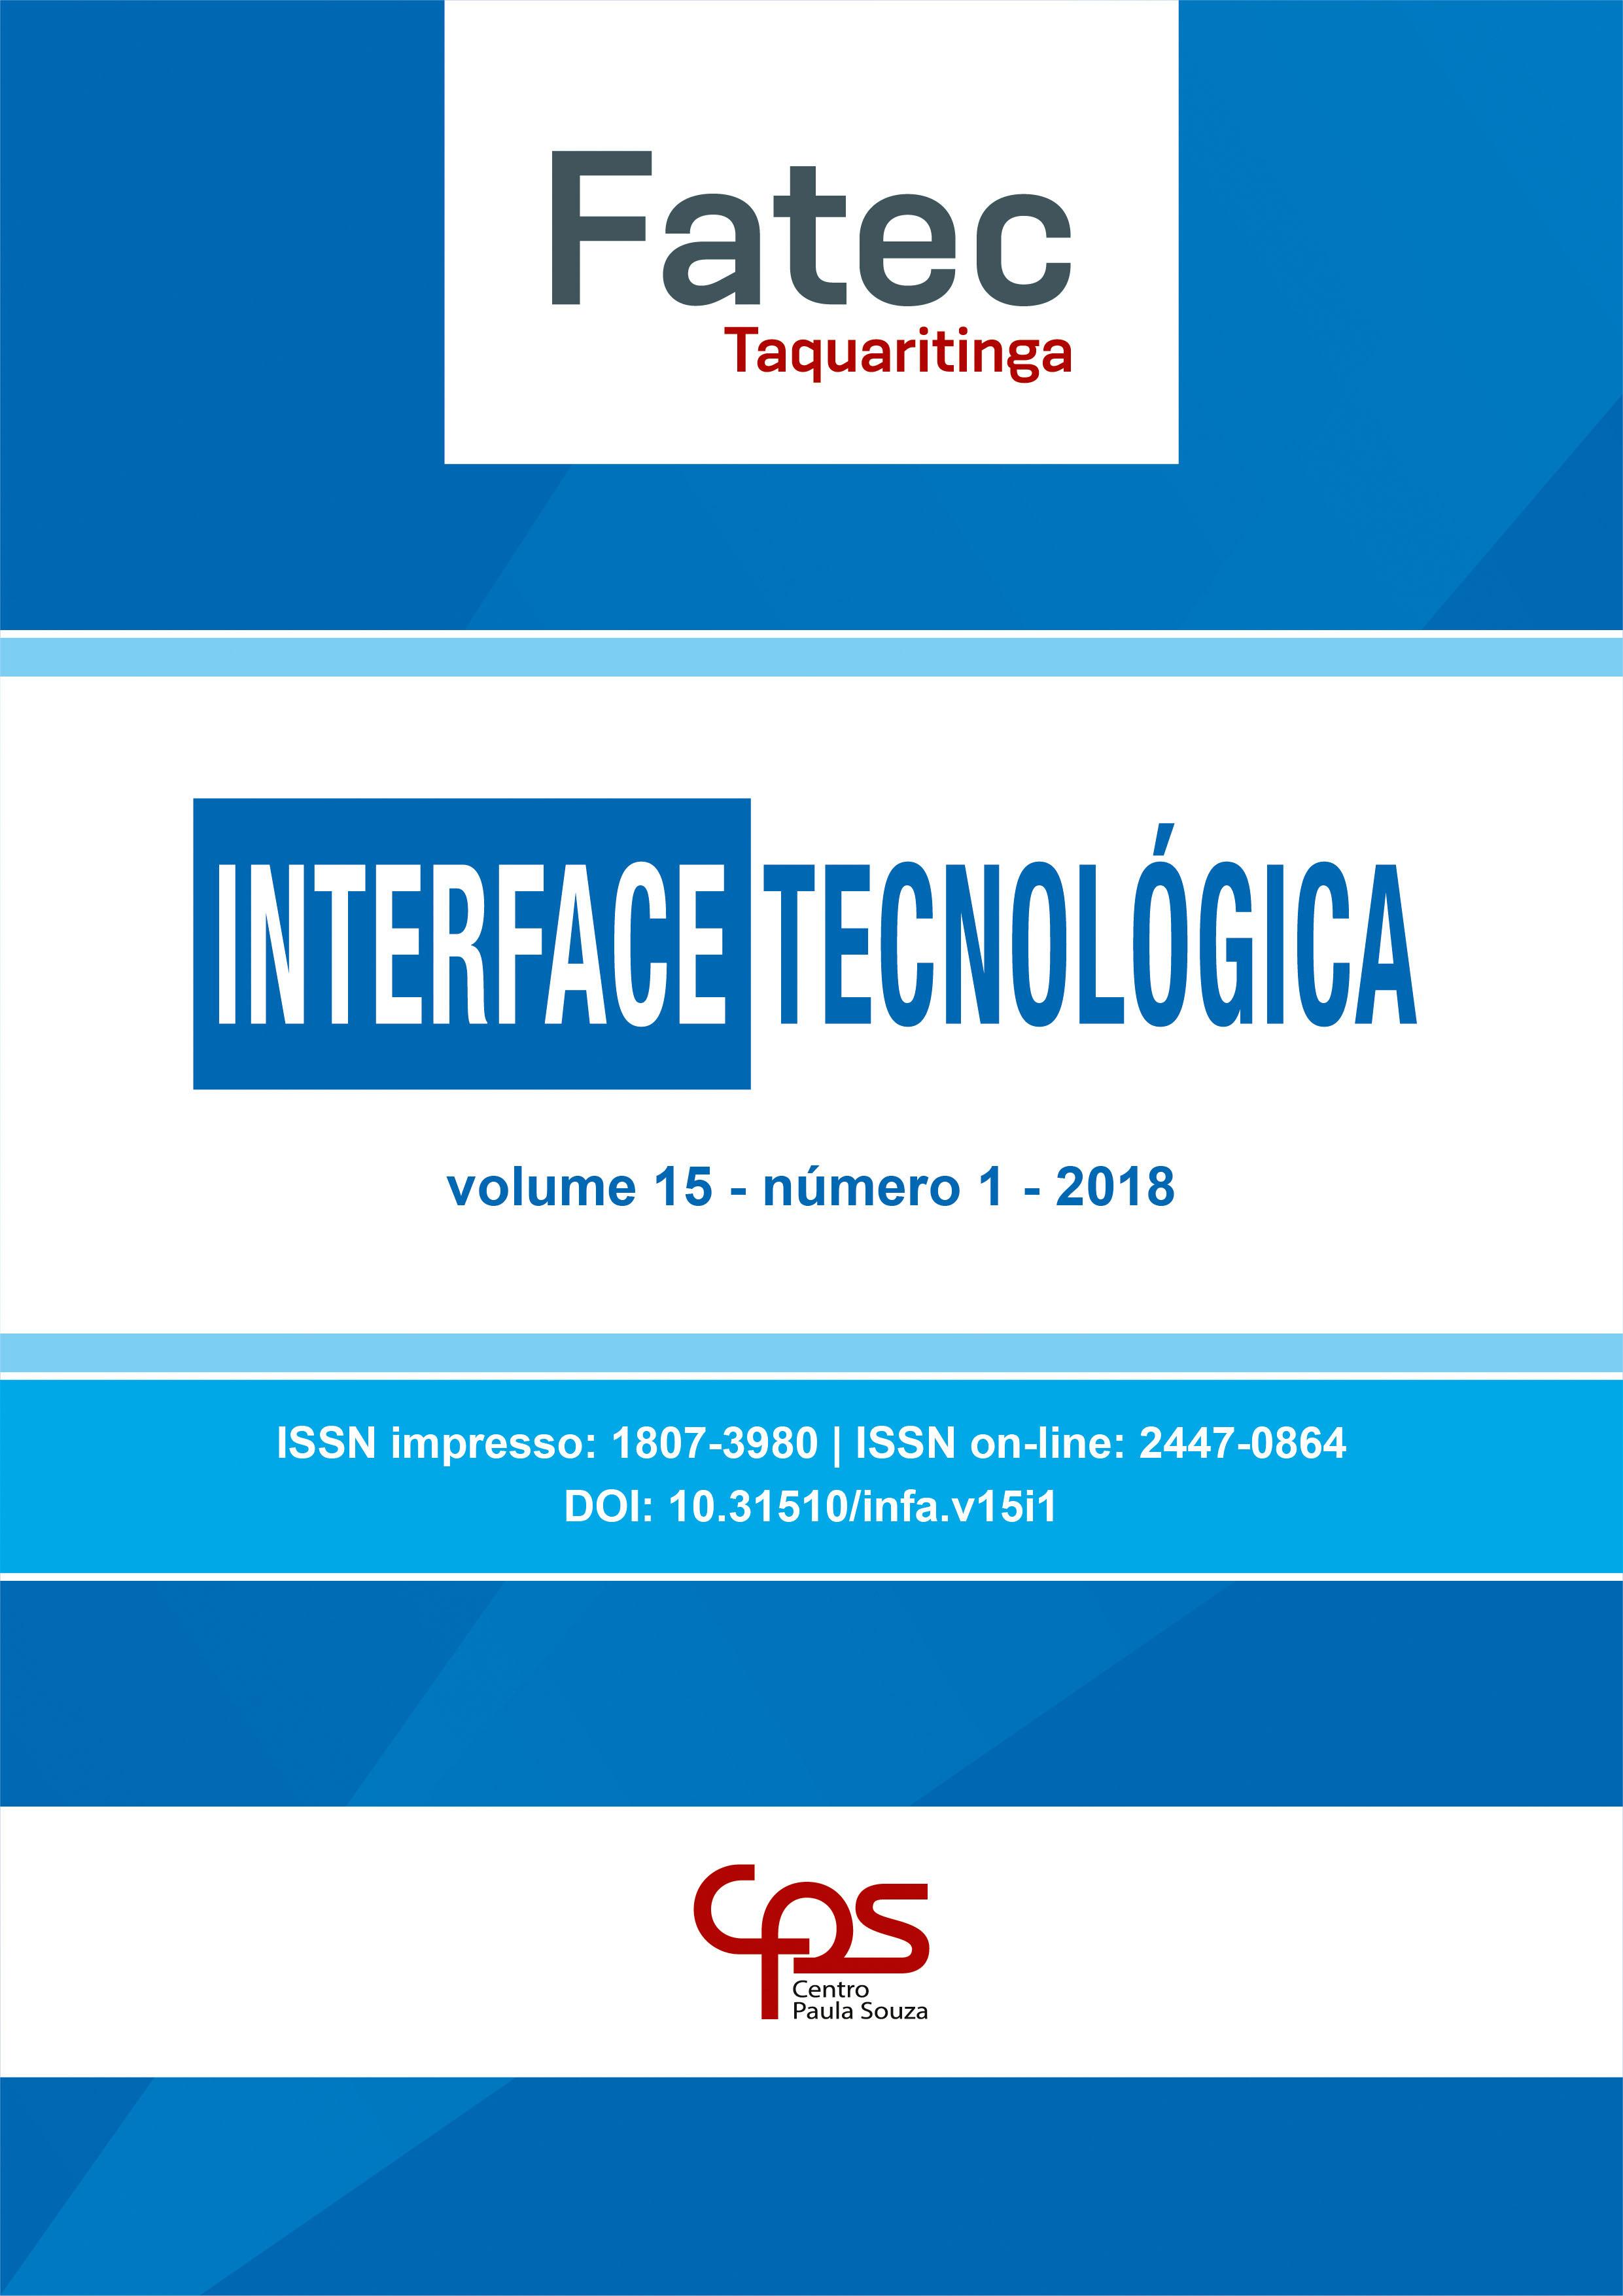 Visualizar v. 15 n. 1 (2018): Revista Interface Tecnológica